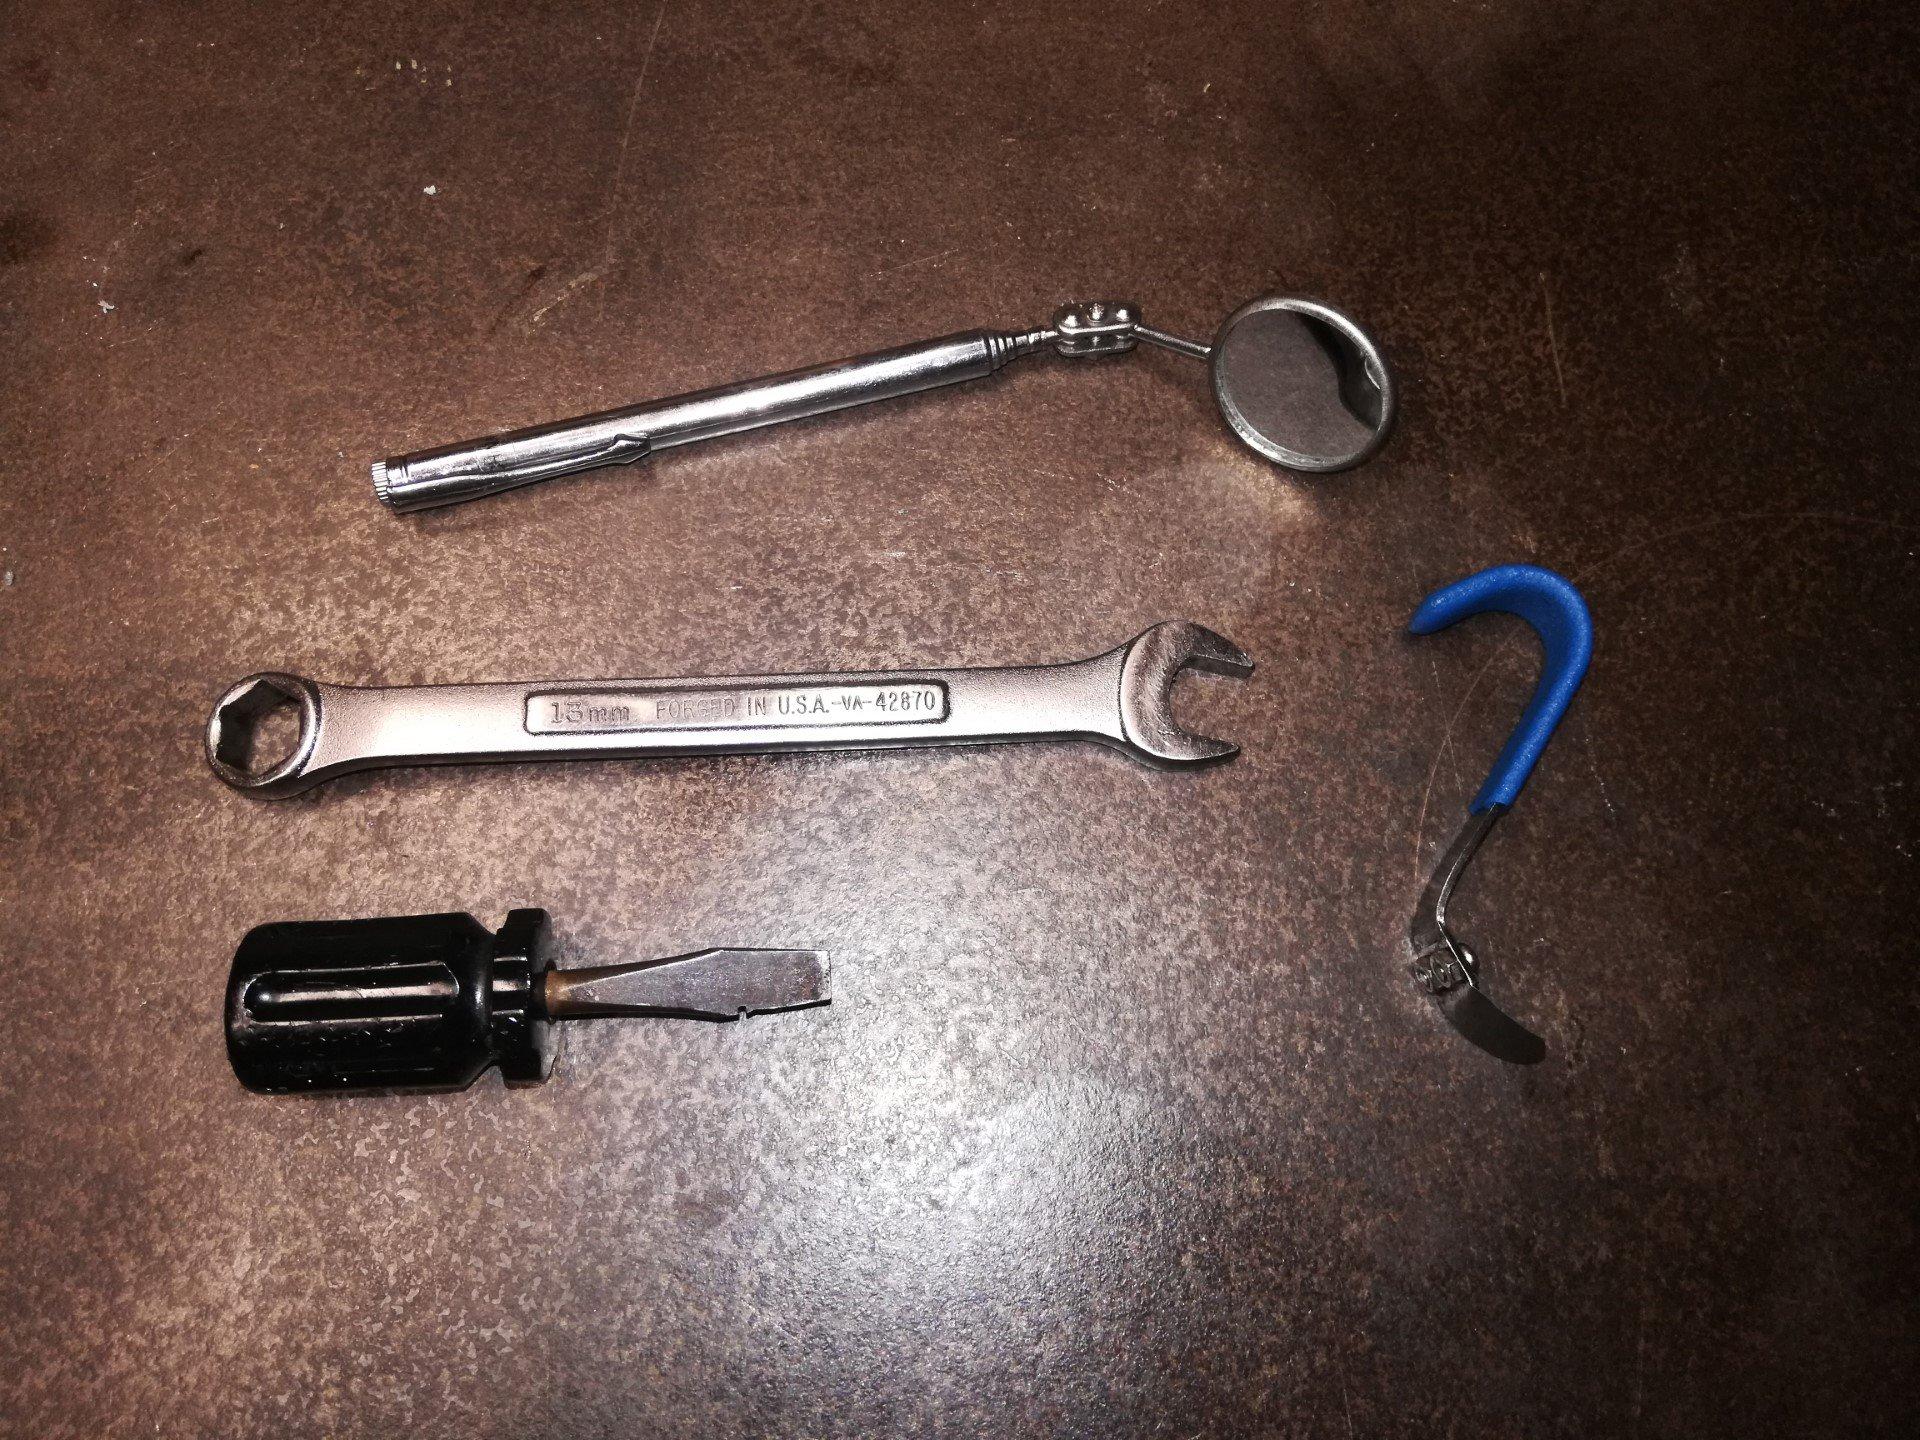 Air-cooled Porsche 911 valve adjustment tools